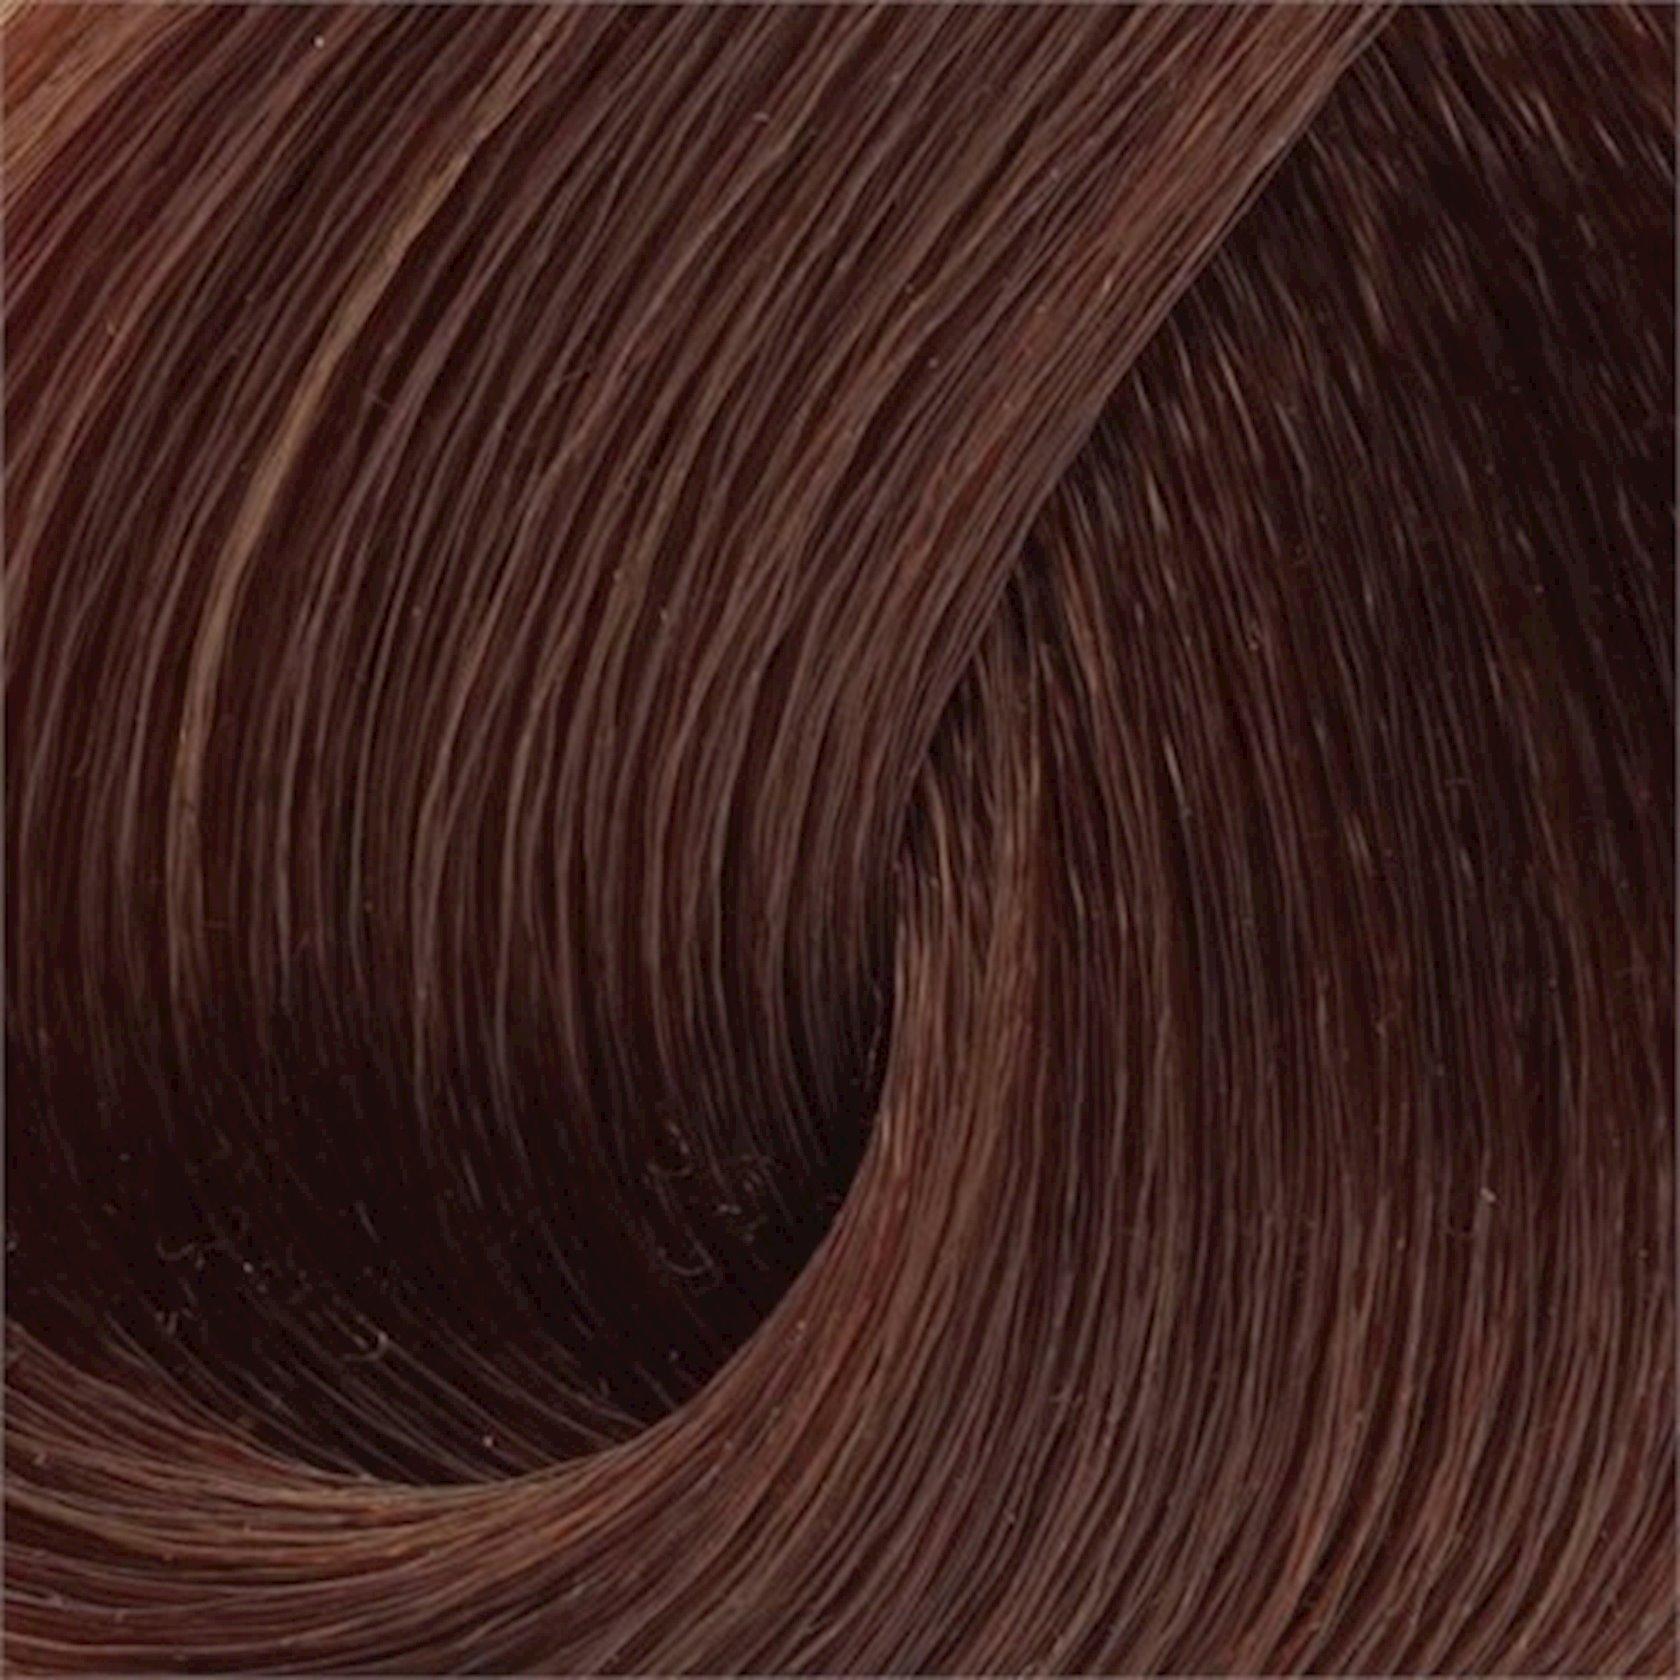 Saç üçün qalıcı krem boya Exicolor Permanent Hair Color Cream 100 ml №6 Koyu Kumral, Tünd şabalıdı